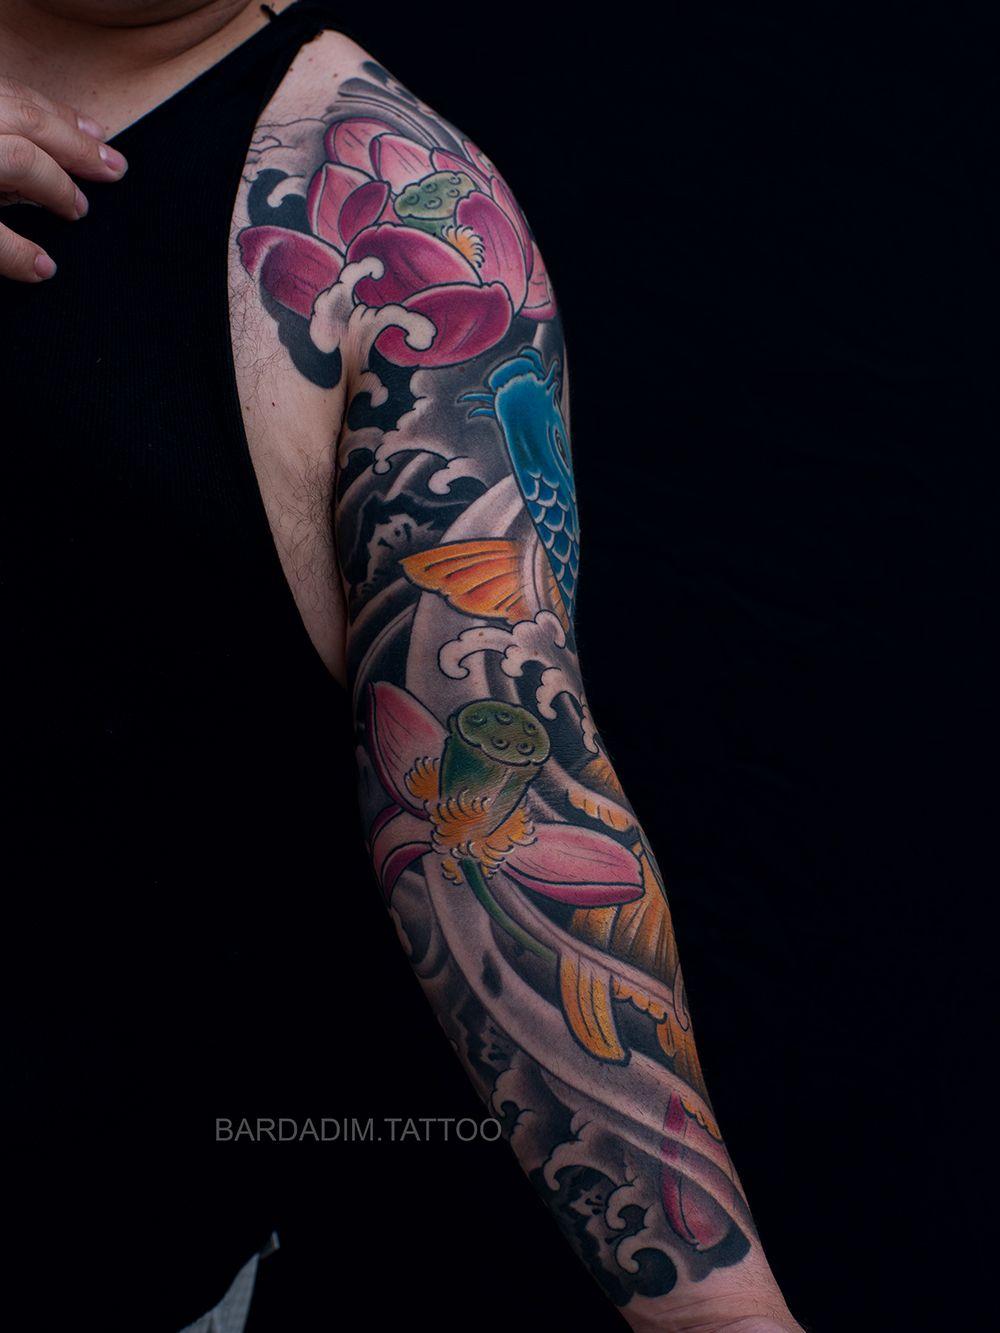 Japanese Sleeve Japanese Tattoo For Men Koi Tattoo Lotus Tattoo Traditional Japanese Sleeve Irezumi Japanese Tattoo Tattoos Japanese Tattoos For Men